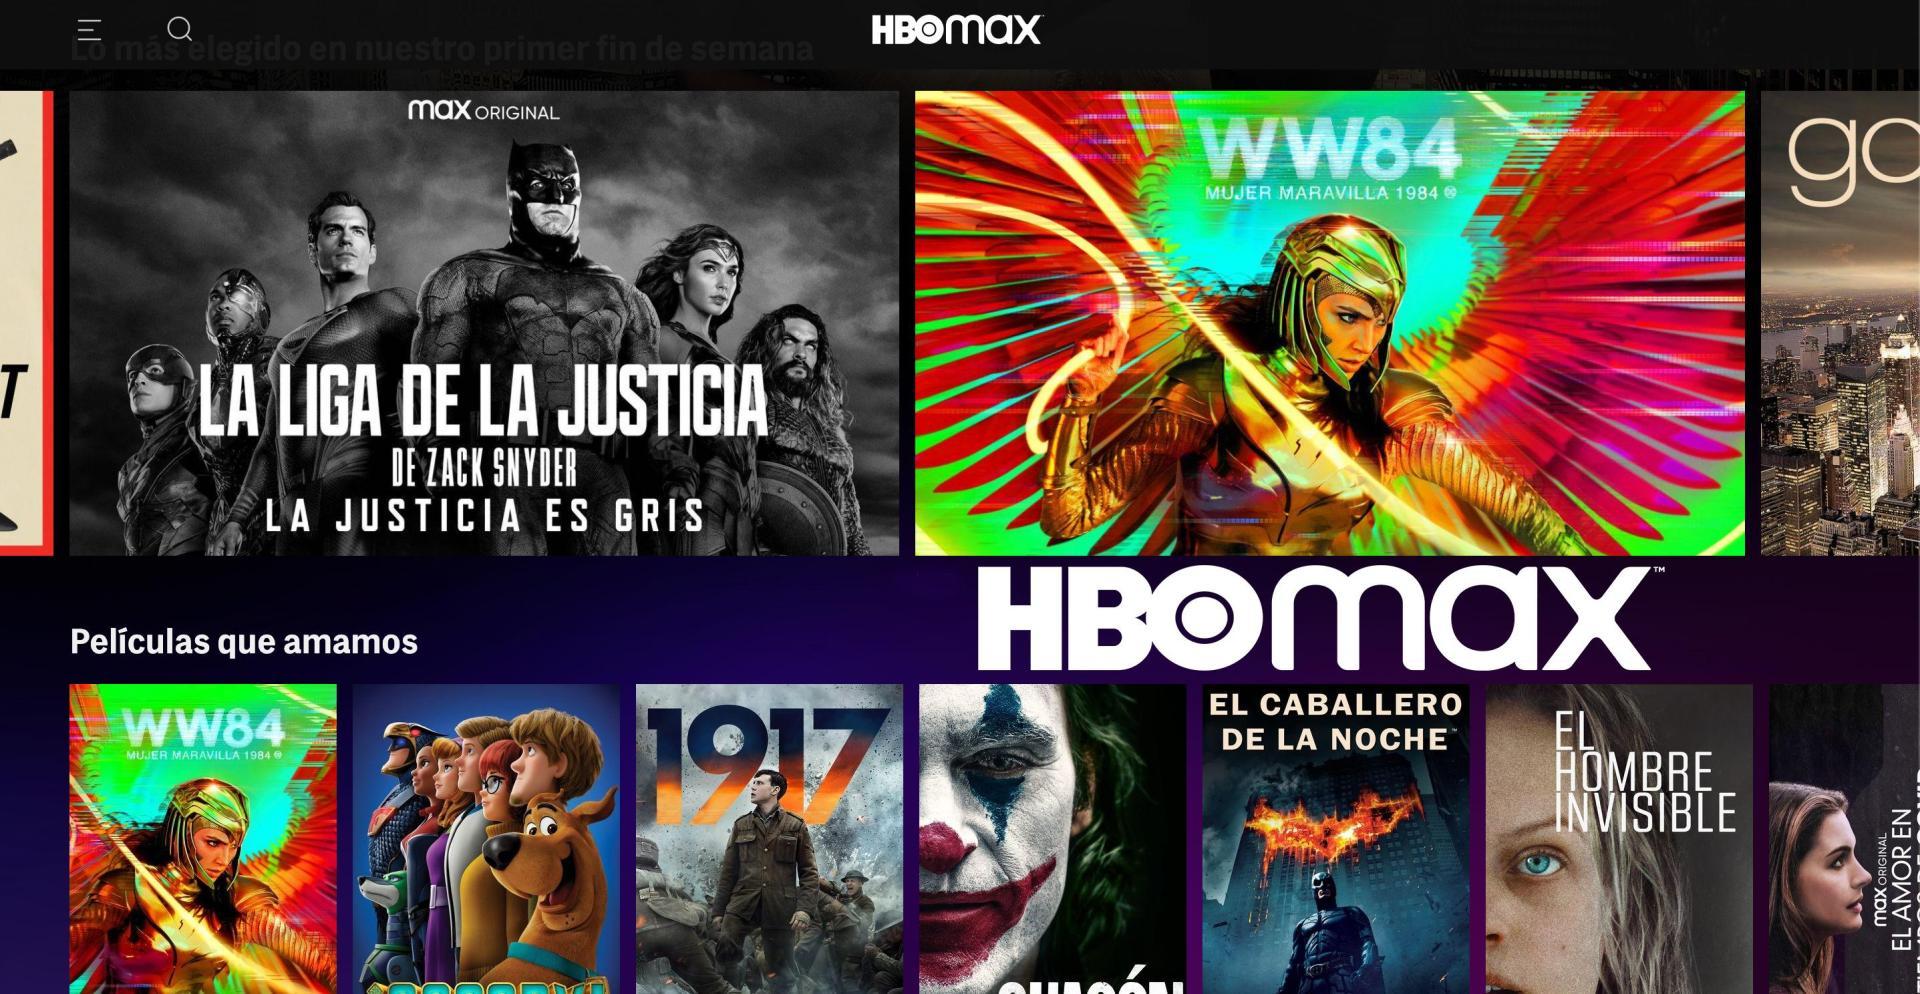 HBO Max y su oferta de streaming en Latinoamérica